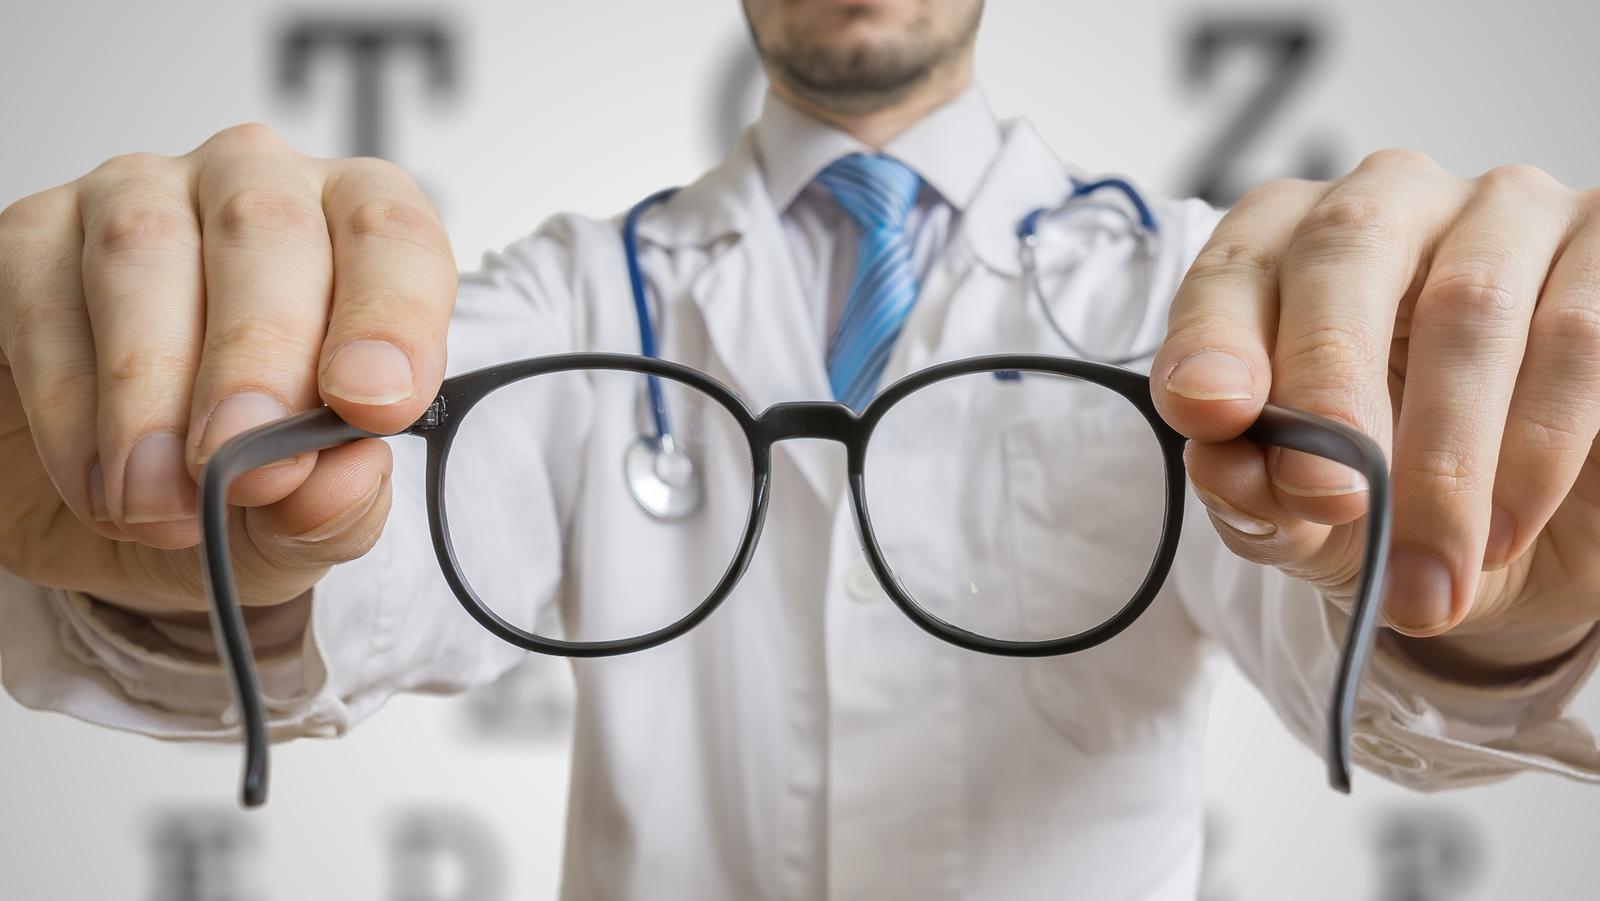 Repül a szem előtt: okok, következmények, kezelés - Szívroham August